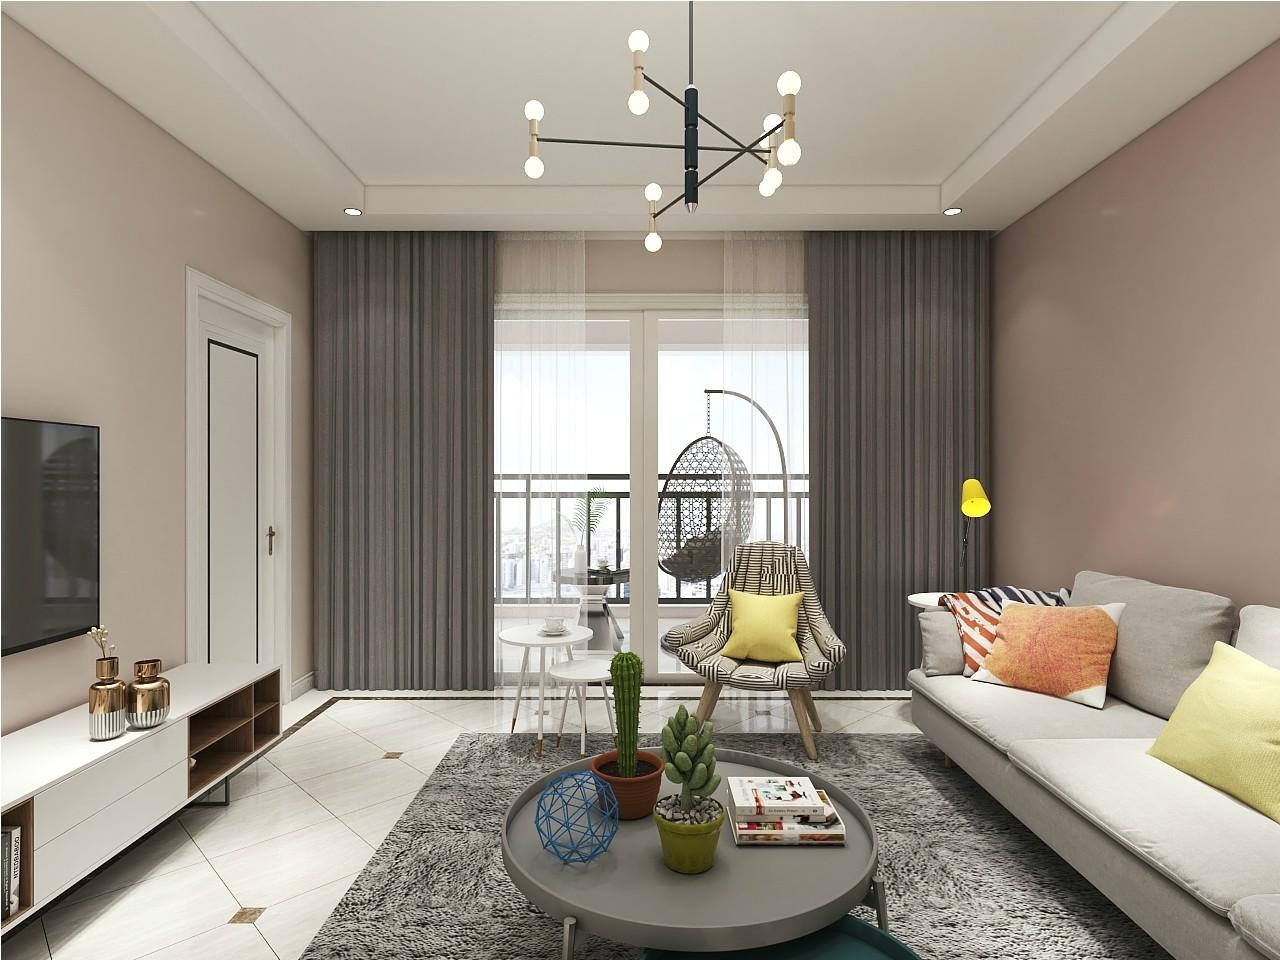 102平米現代風格三居室8萬裝修效果圖